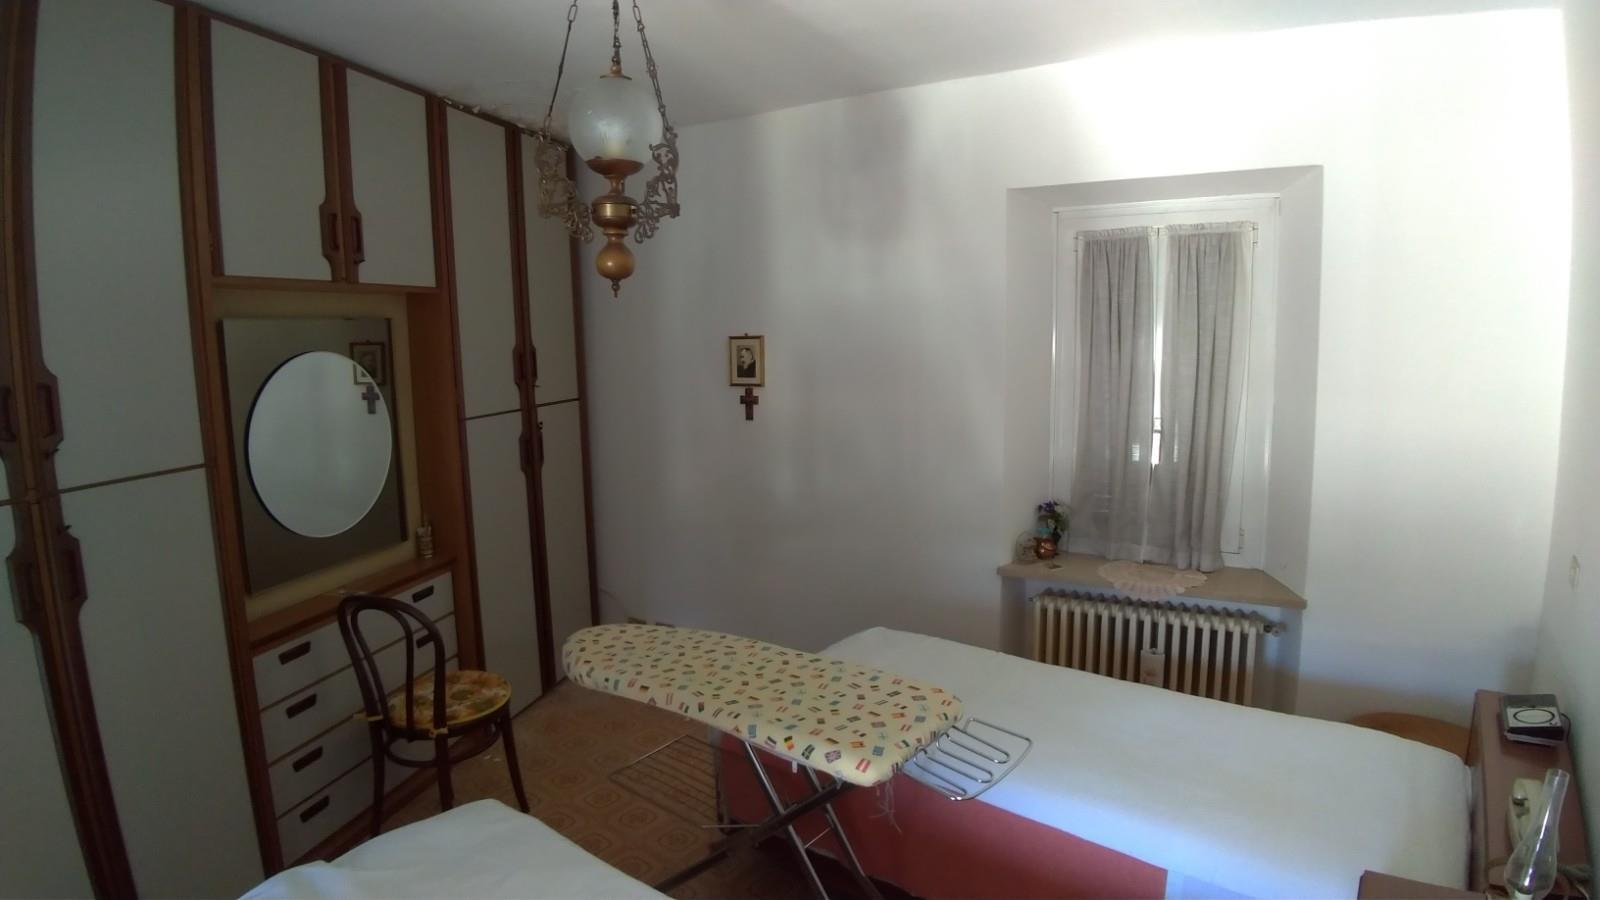 Foto 6 - Casa indipendente in Vendita - Valgreghentino (Lecco)